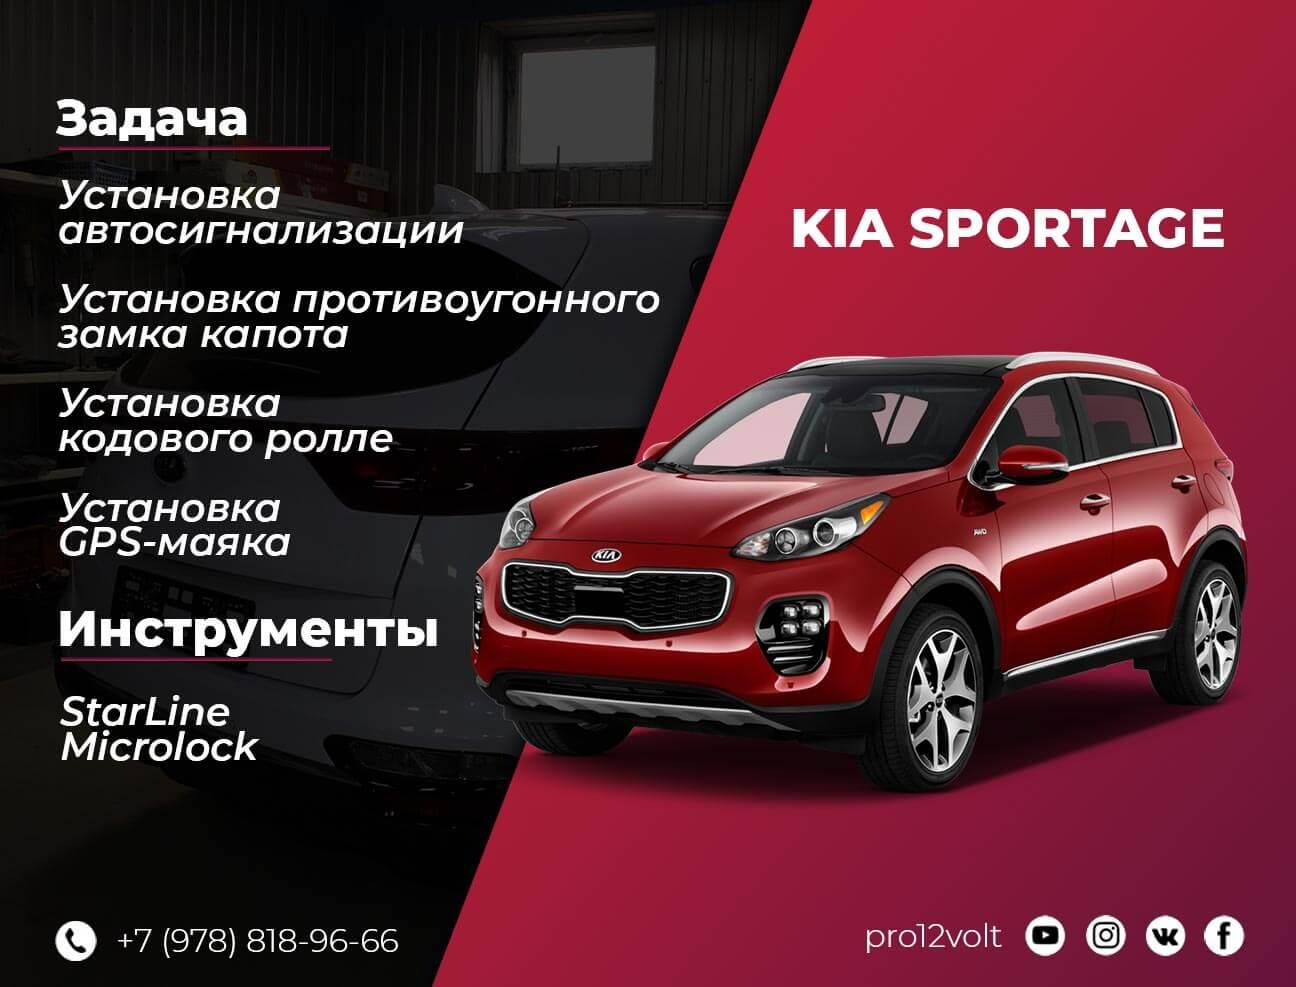 KIA Sportage, установка охранного комплекса